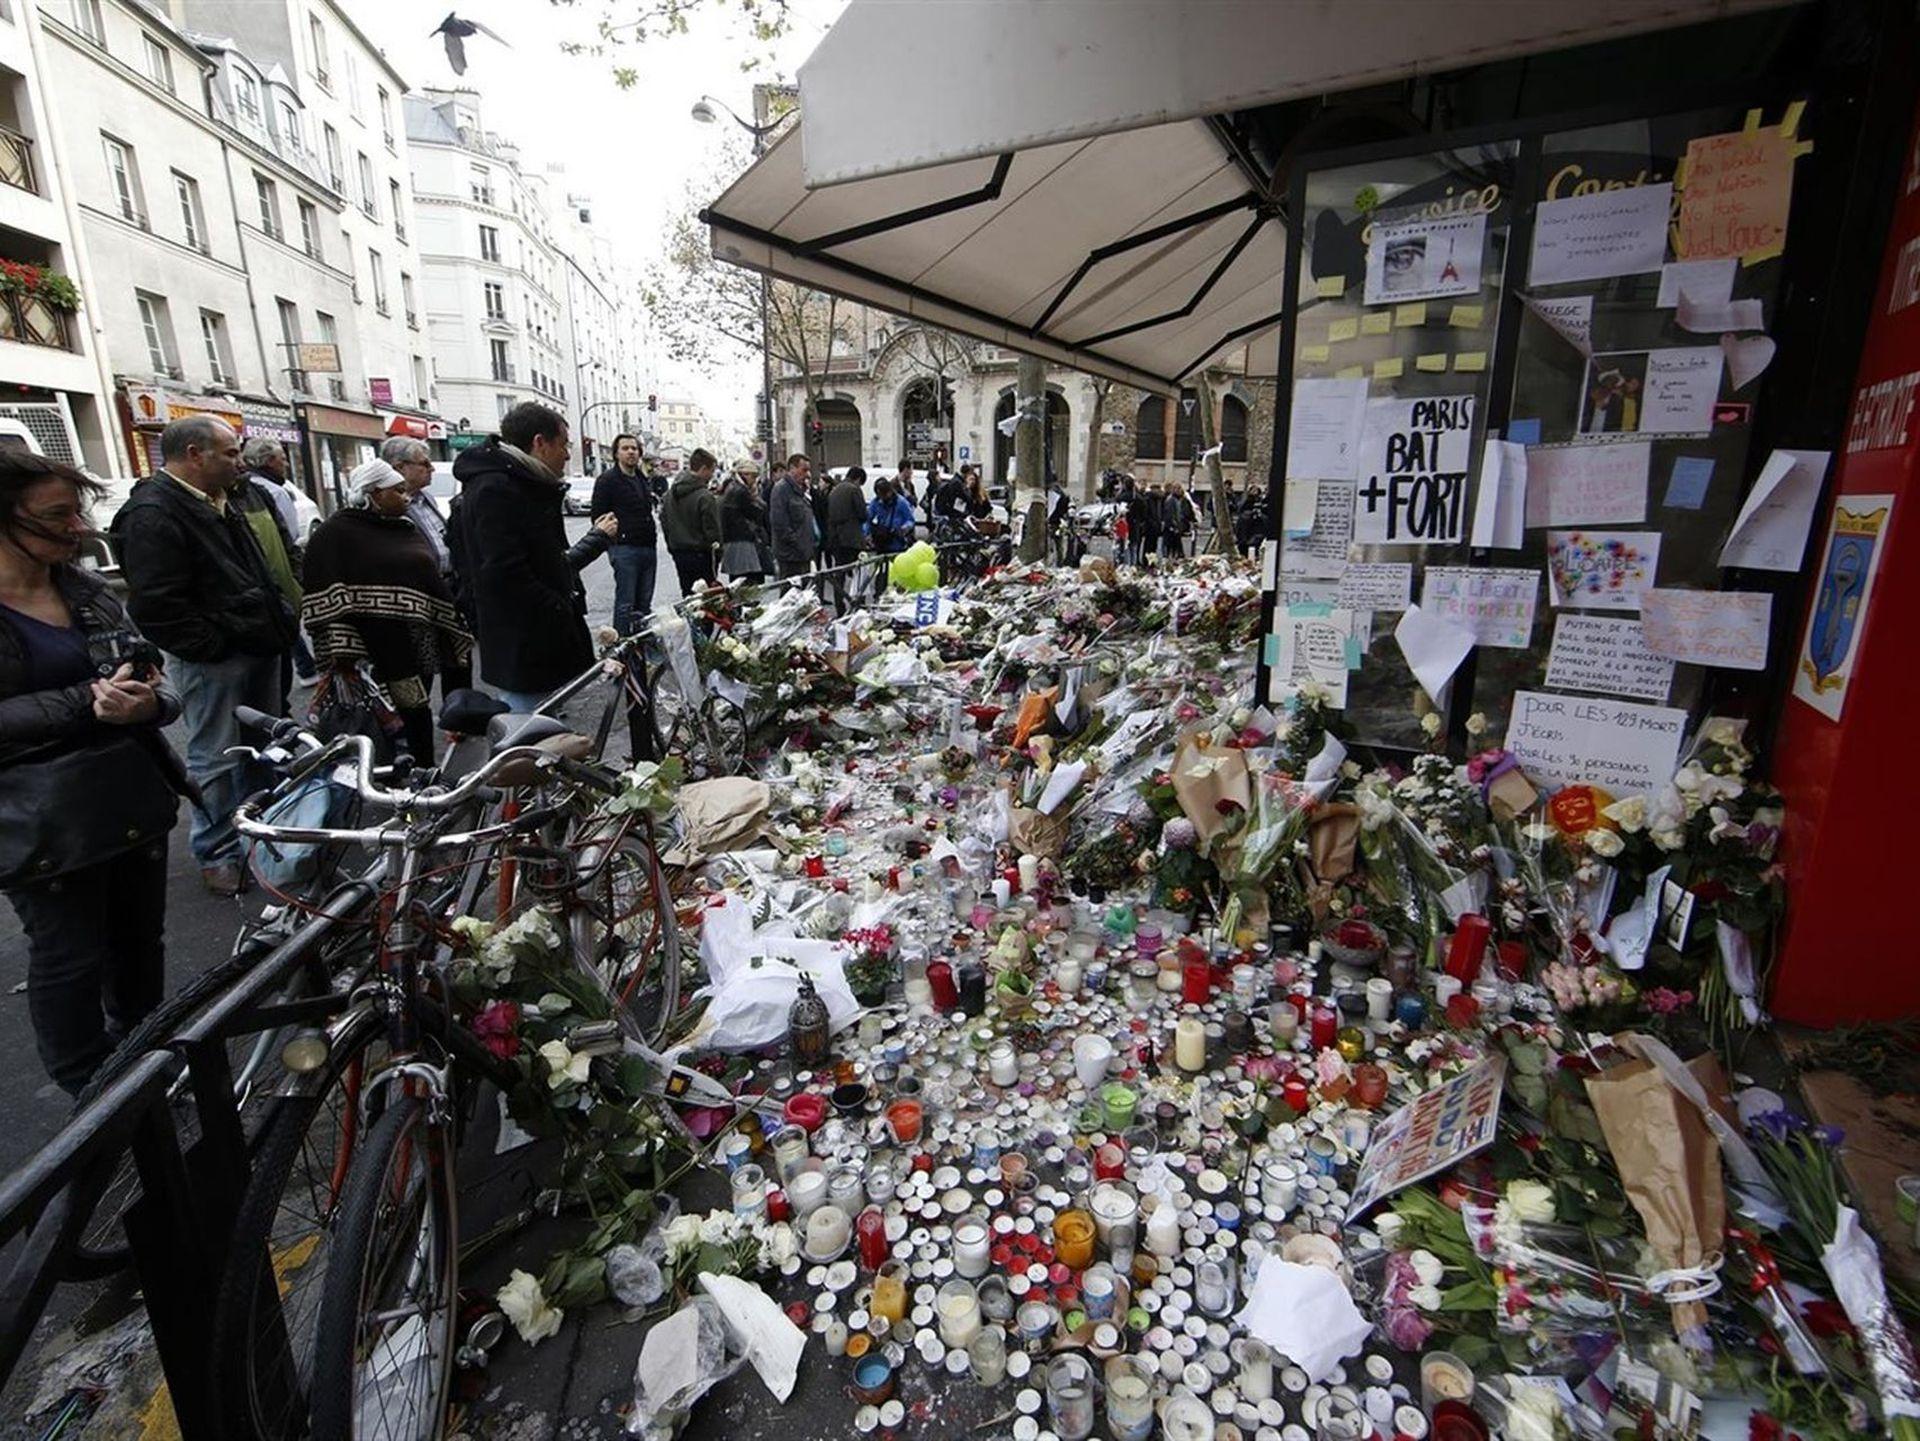 Los atentados en el teatro Bataclan y otros puntos del centro de París el 13 de noviembre de 2015 fueron los más fuertes de Estado Islámico en Occidente